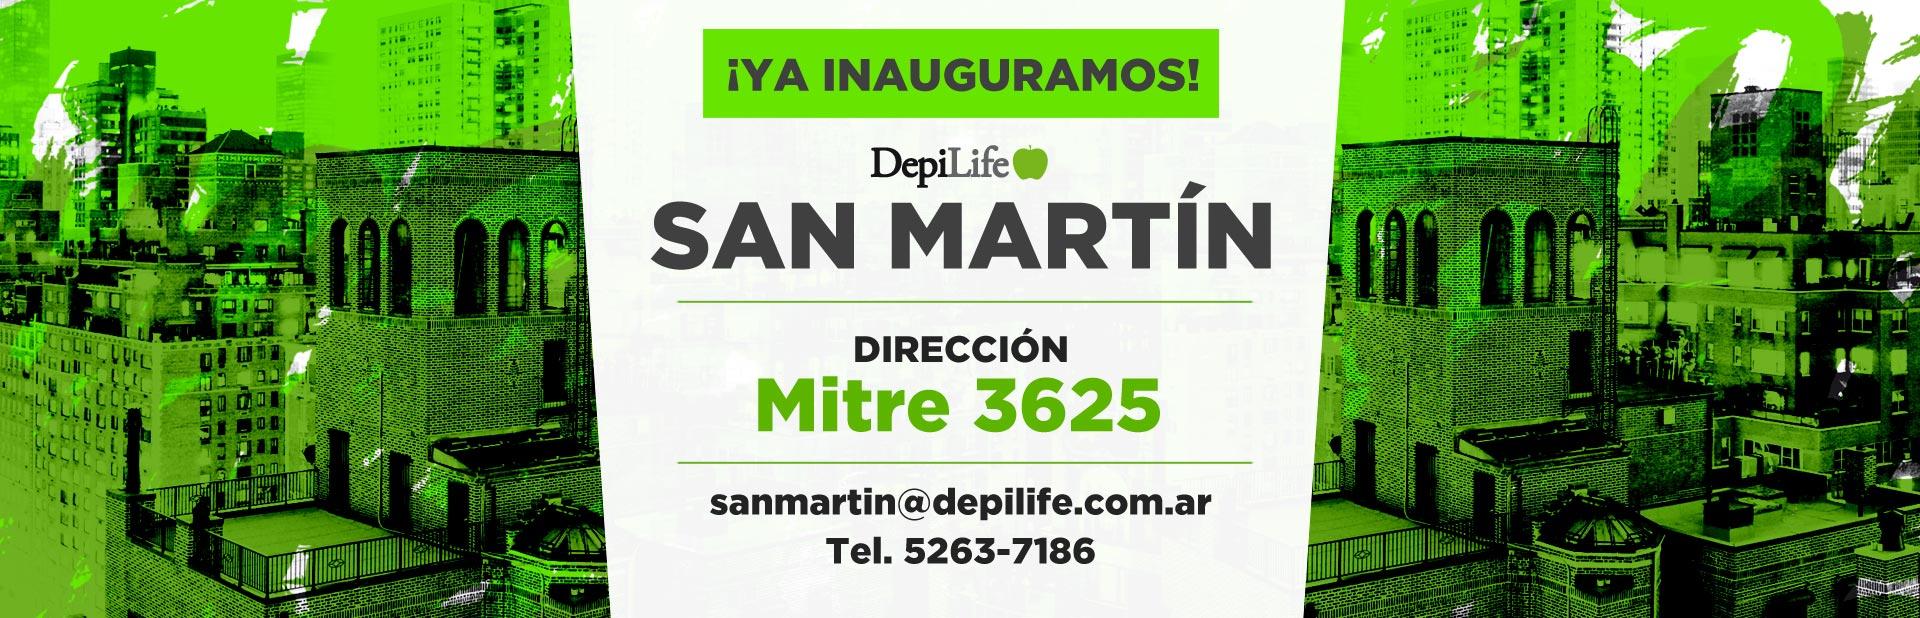 DepiLife San Martín